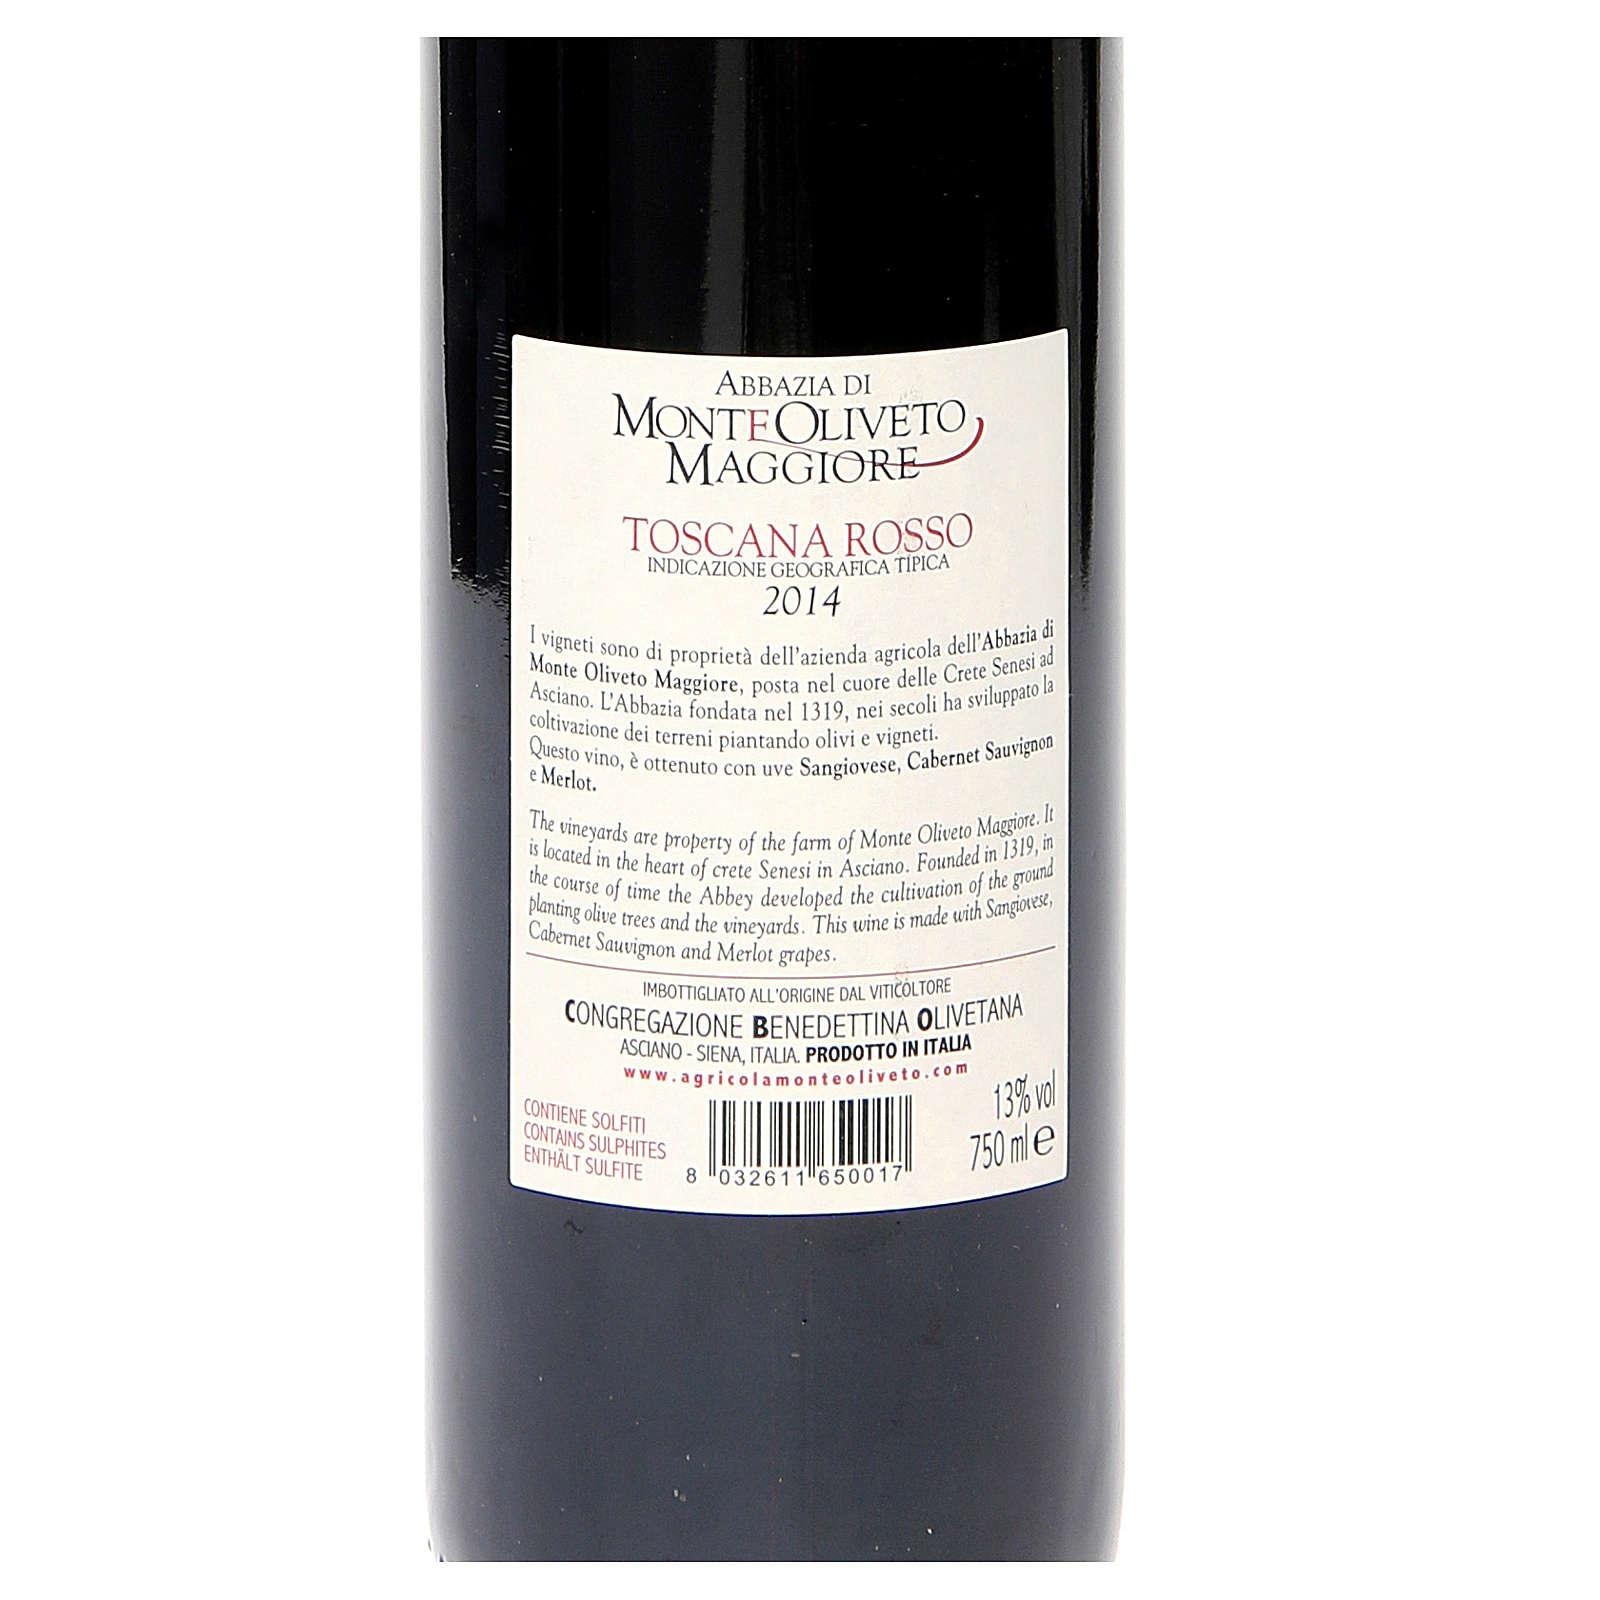 Vino Toscana Rosso 2014 Abbazia Monte Oliveto 750 ml 3